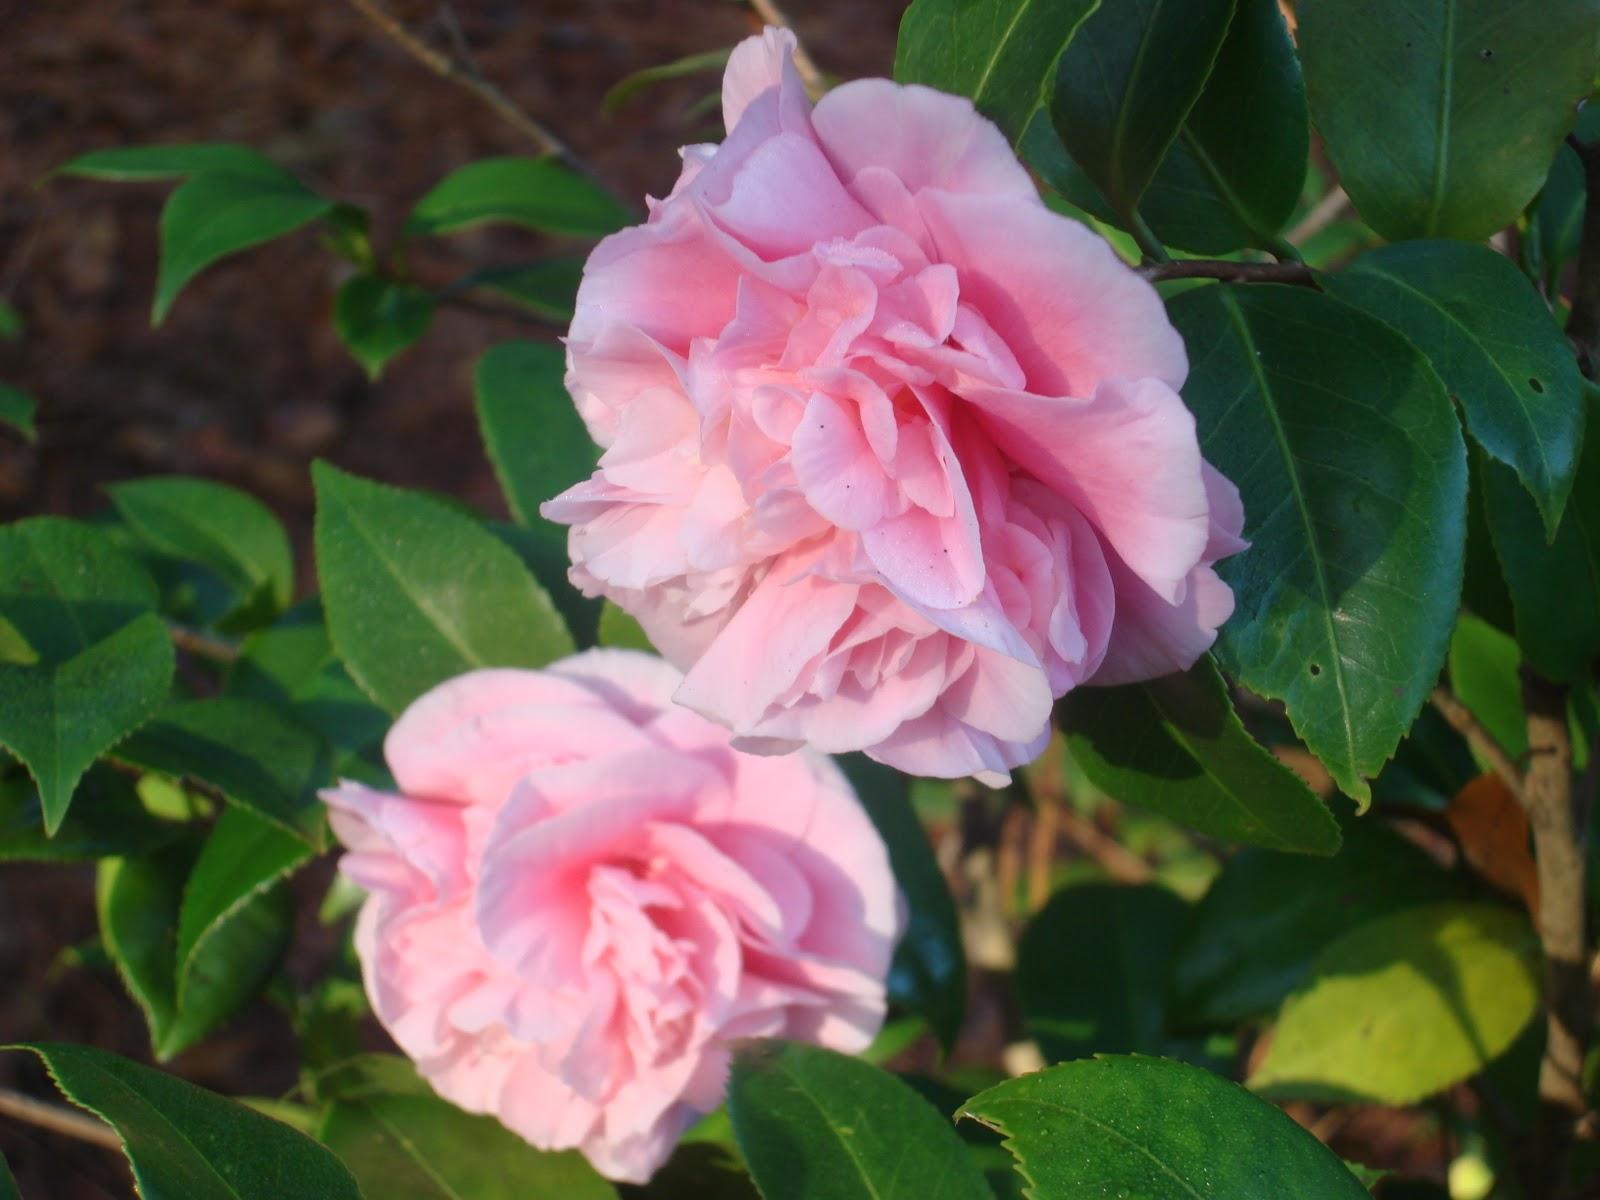 Mlchgarden camellias for Camellia homes